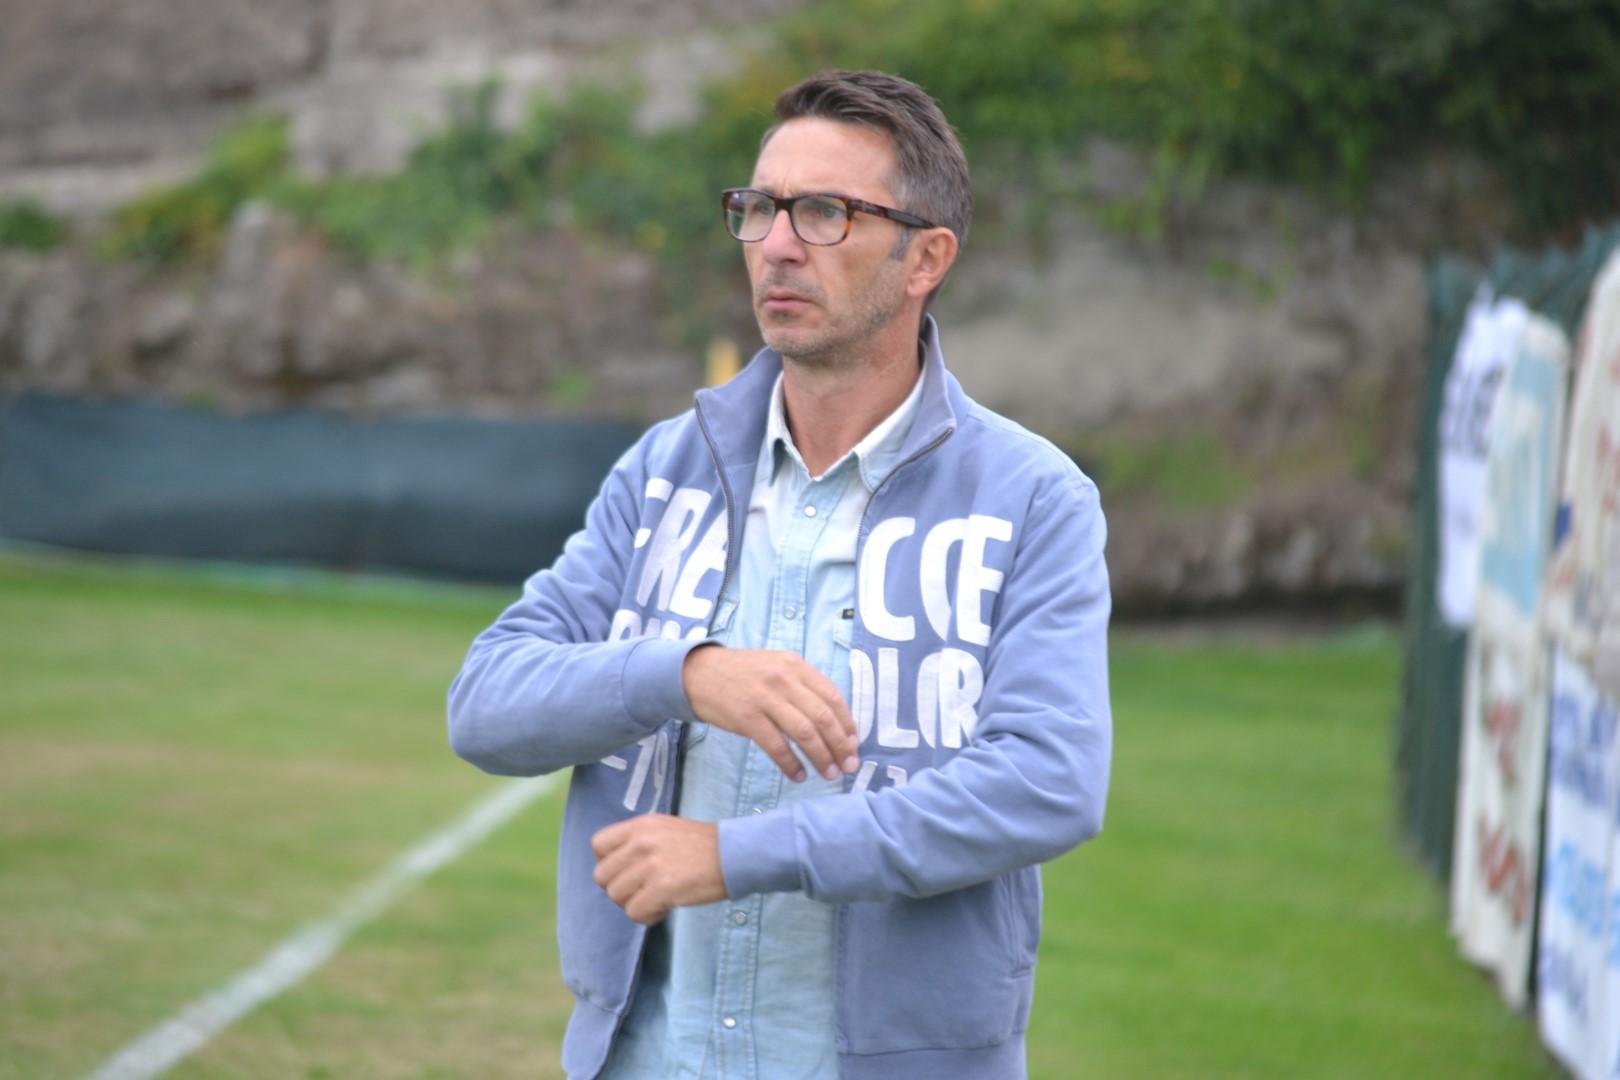 Fabrizio Centra